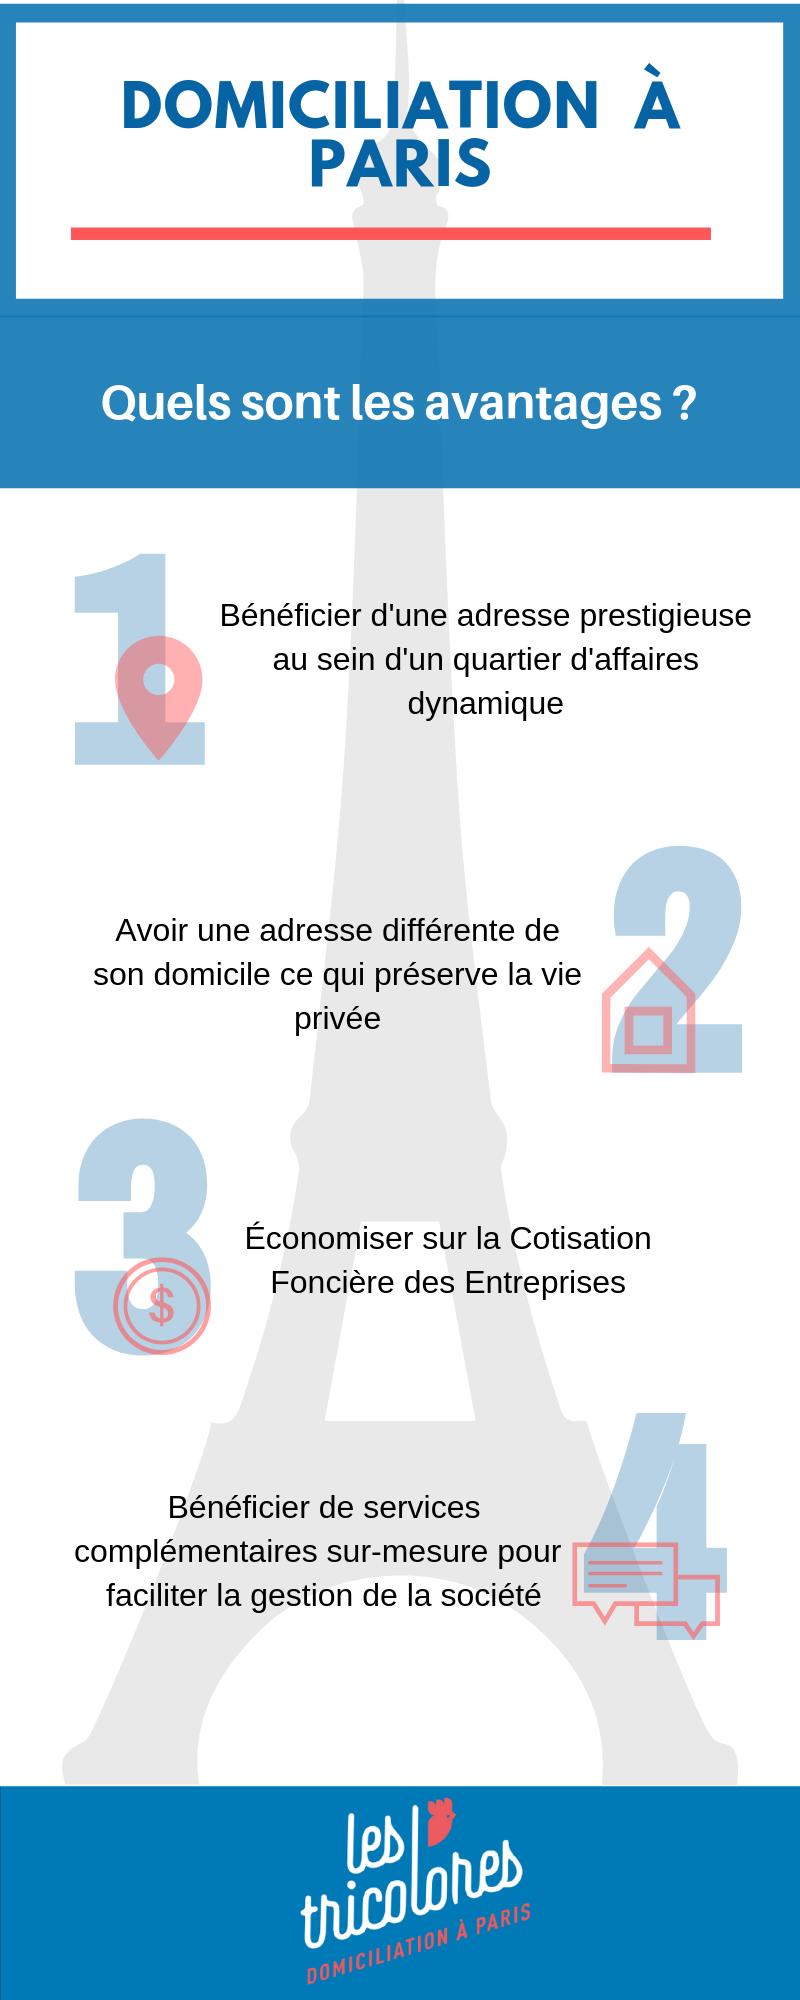 les avantages de la domiciliation à Paris